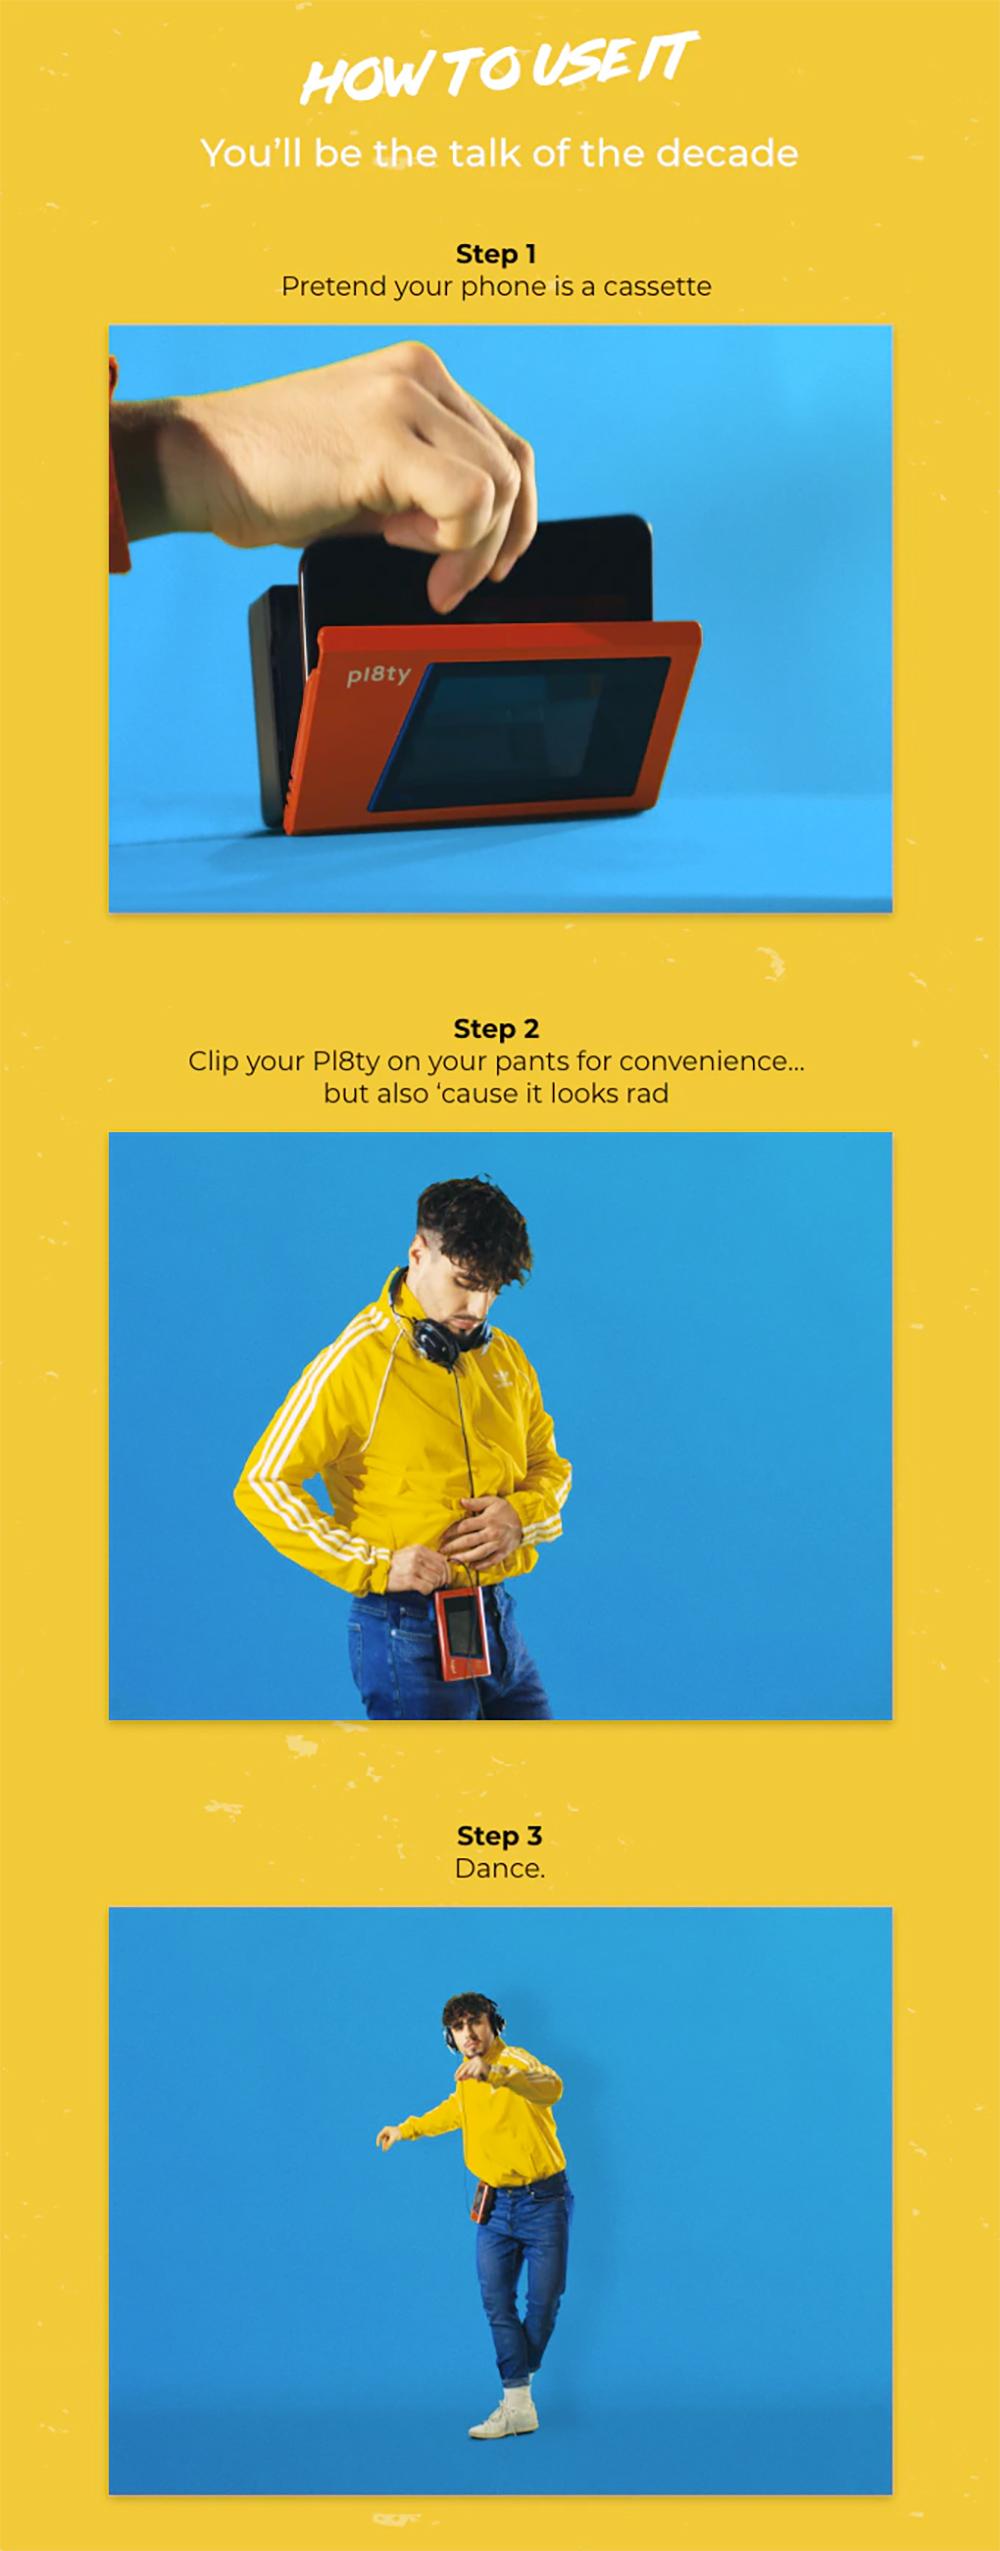 Caixa de Som Pl8ty Imita um Walkman dos Anos 80 miniatura